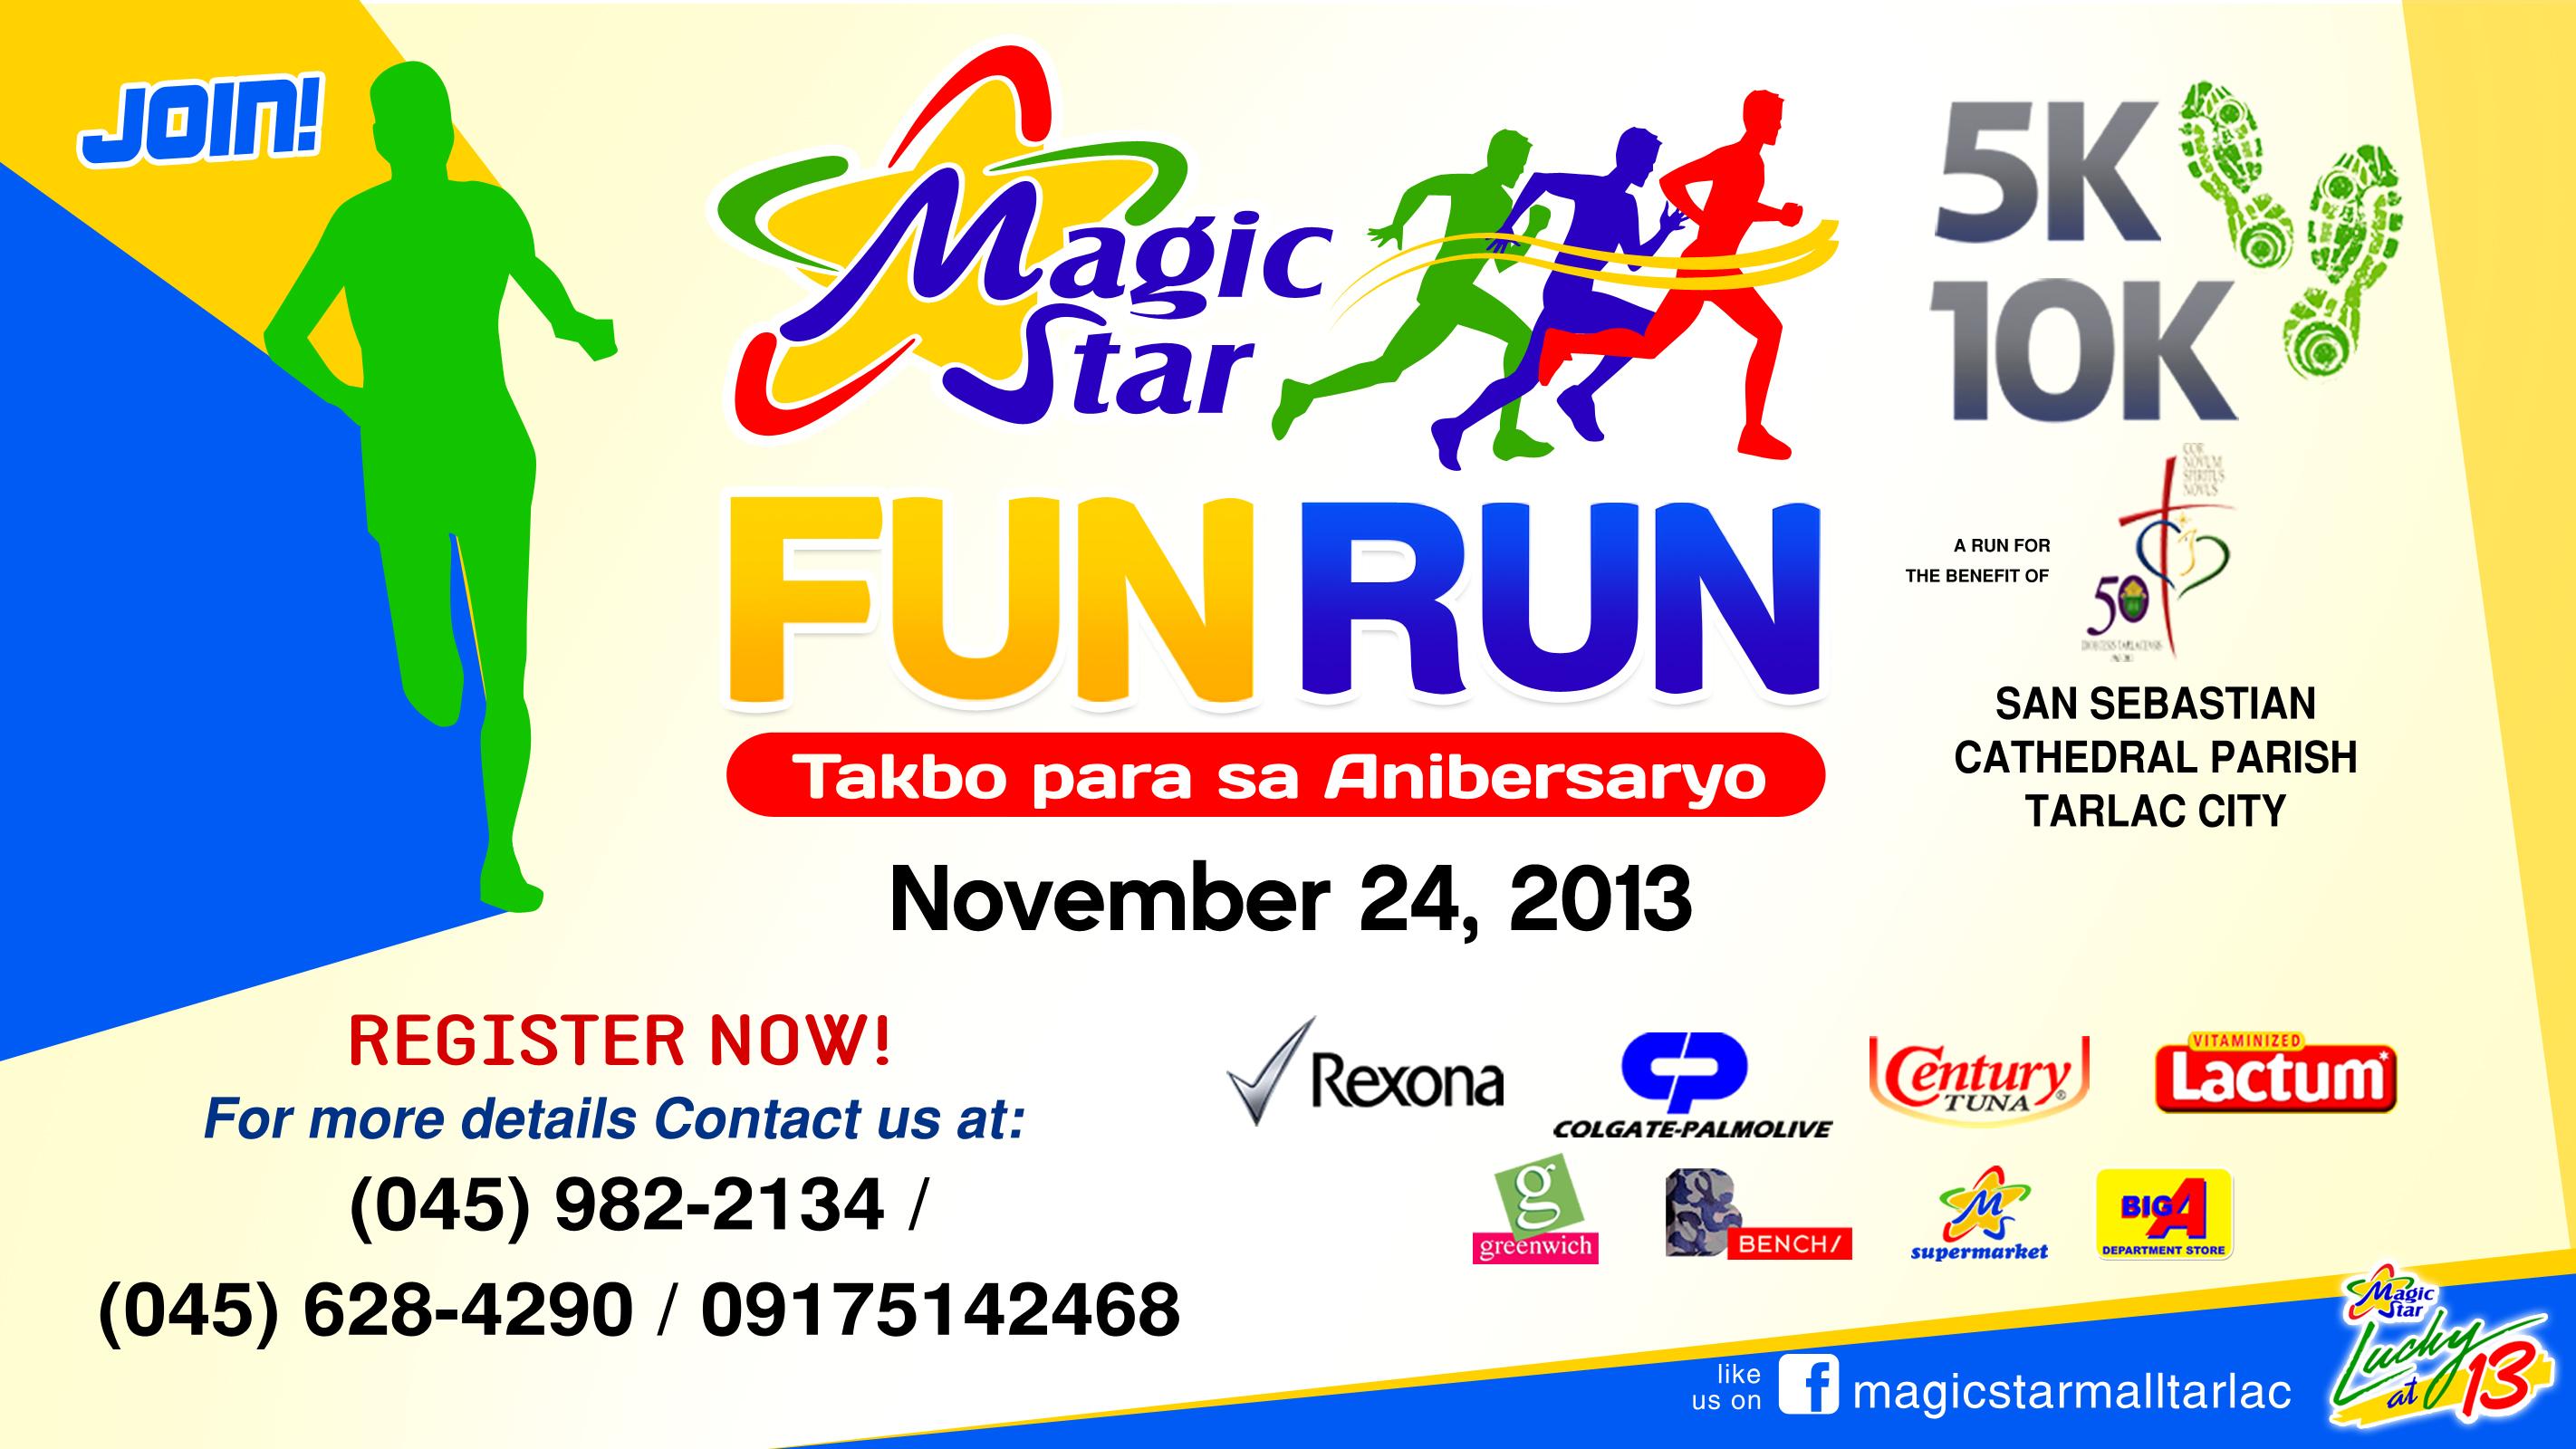 Magic Star Fun Run 2013 – November 24, 2013